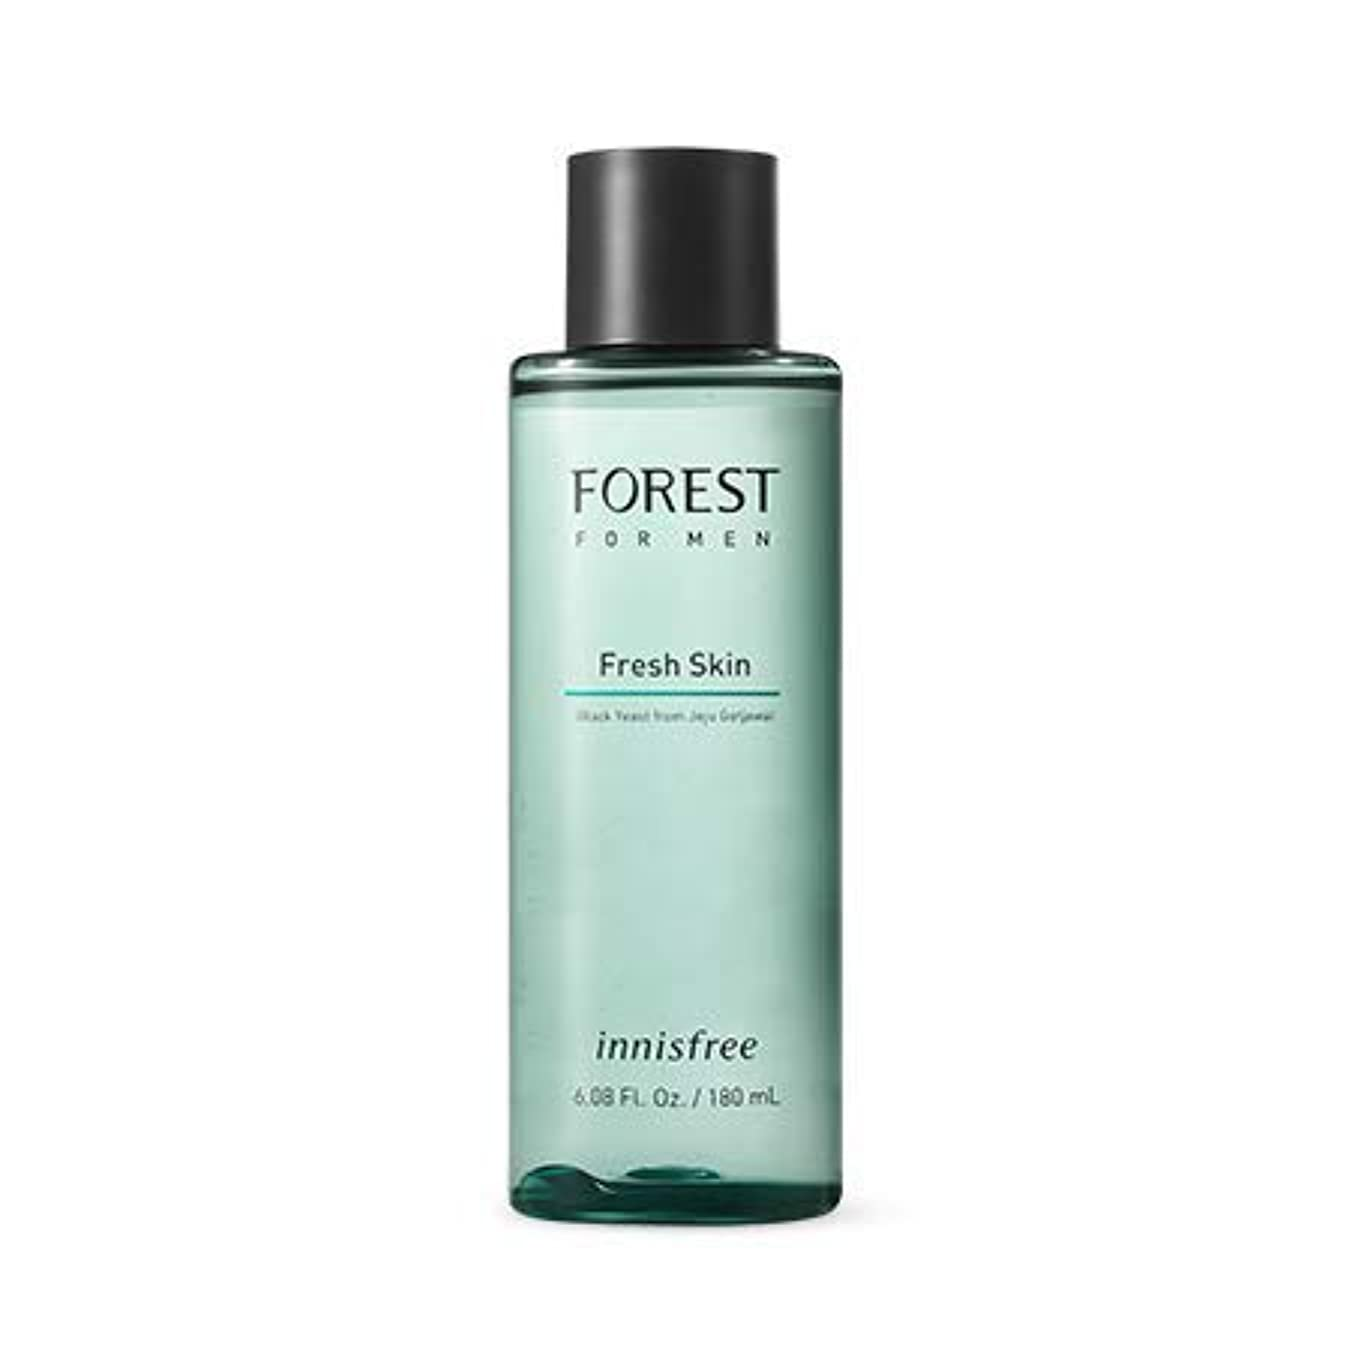 けがをする奨学金スコア[イニスフリー]フォレストフォアマンフレッシュスキン180mL(2019.05 new)Forest for Men Fresh Skin